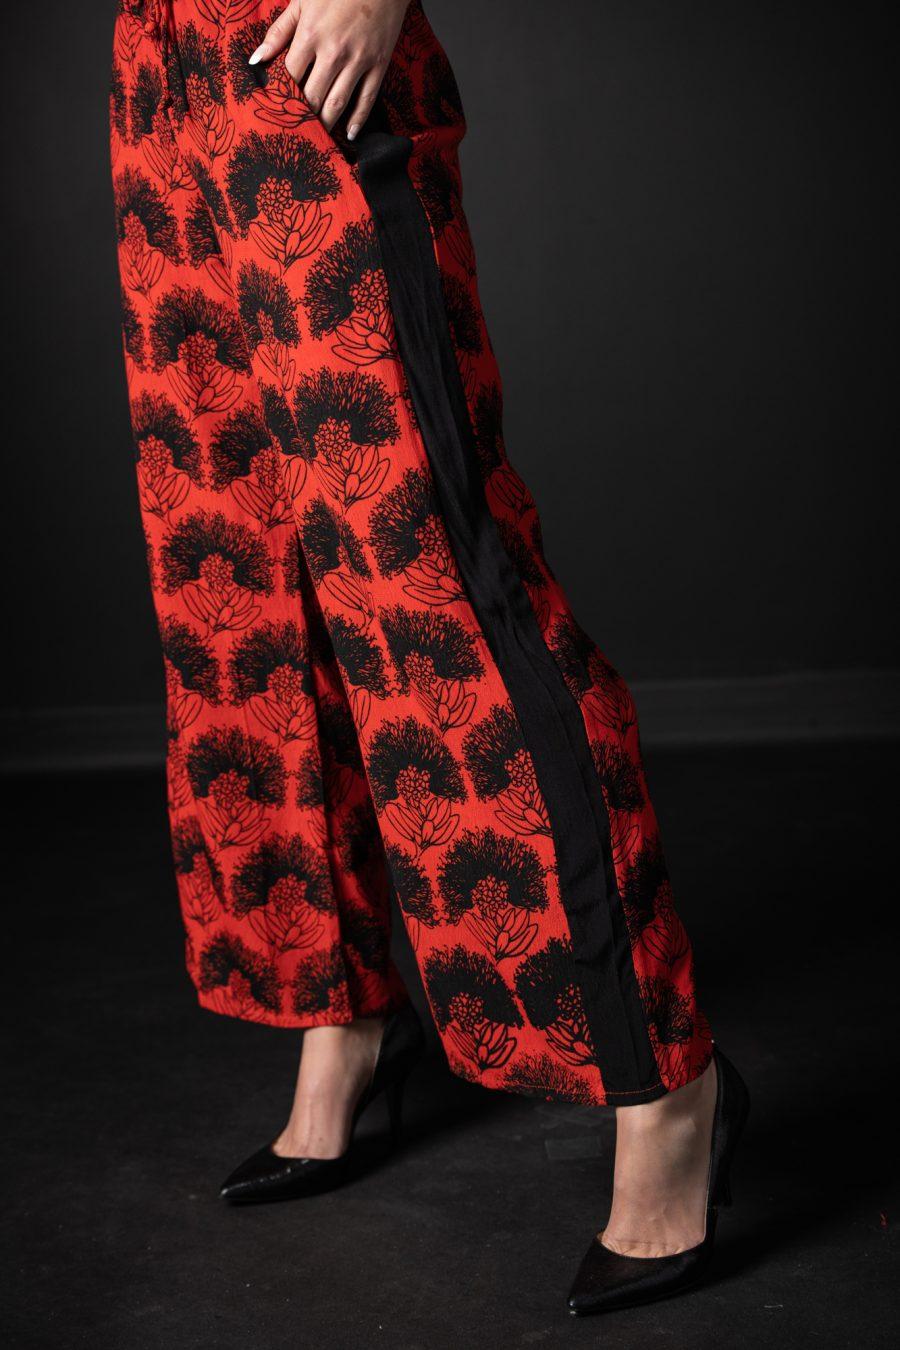 Pants of Lanihau Jumpsuit in Firey Red-Black Kalihilehua Pattern